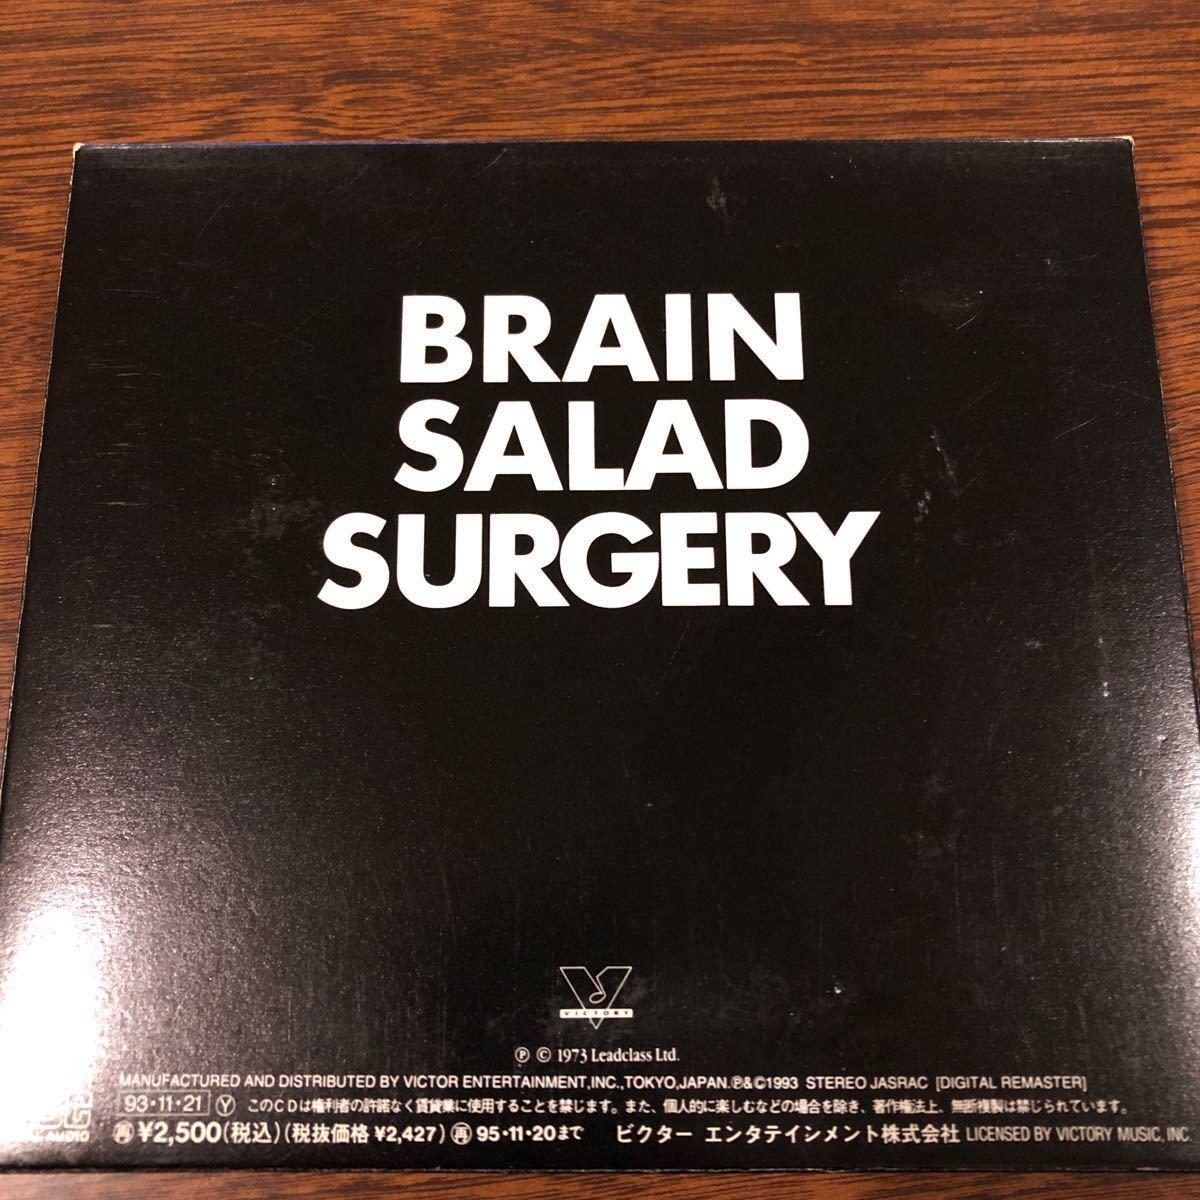 紙ジャケット エマーソン、レイク&パーマー / 恐怖の電脳改革 BRAIN SALAD SURGERY